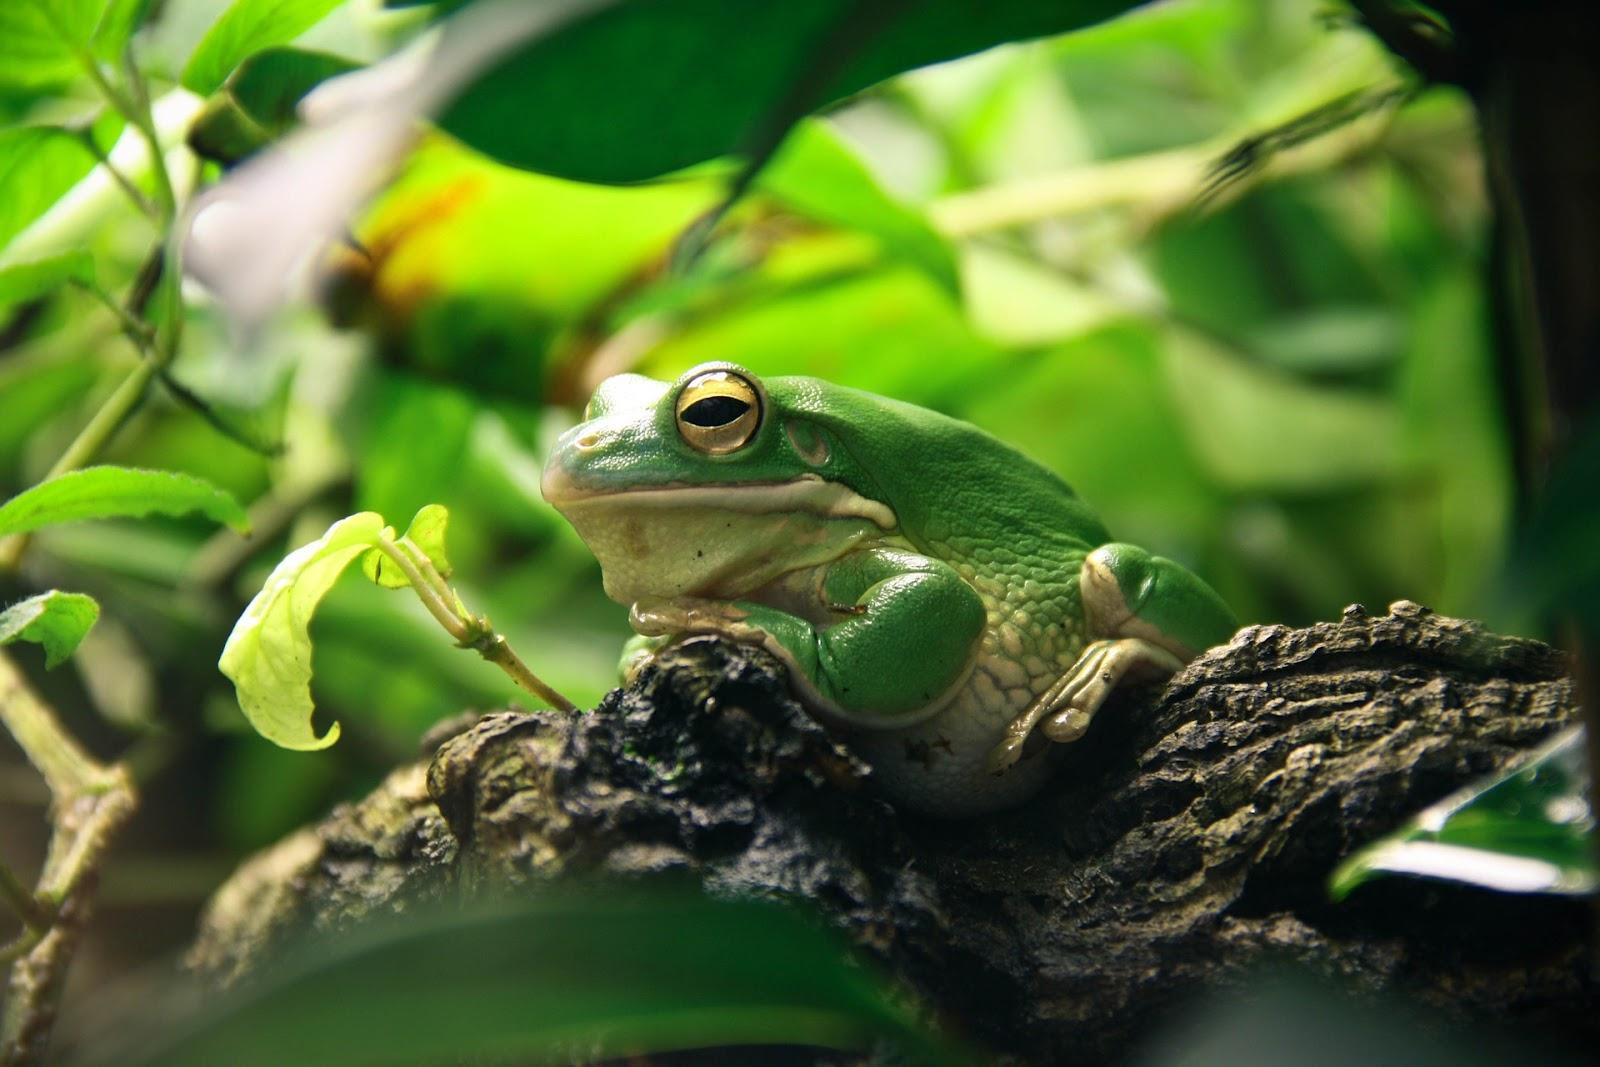 Frog sitting among plants